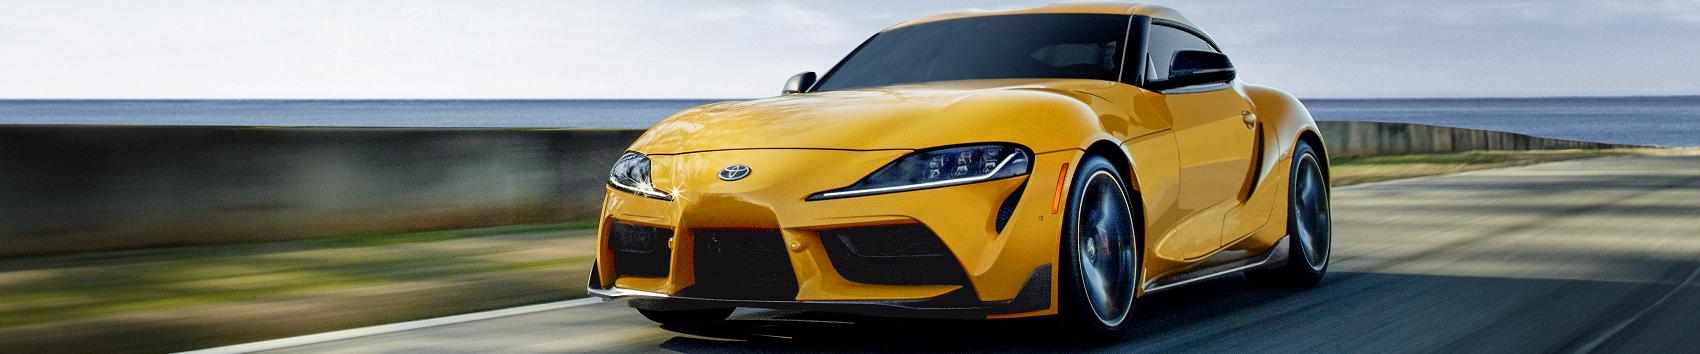 2020 Toyota Supra Yellow